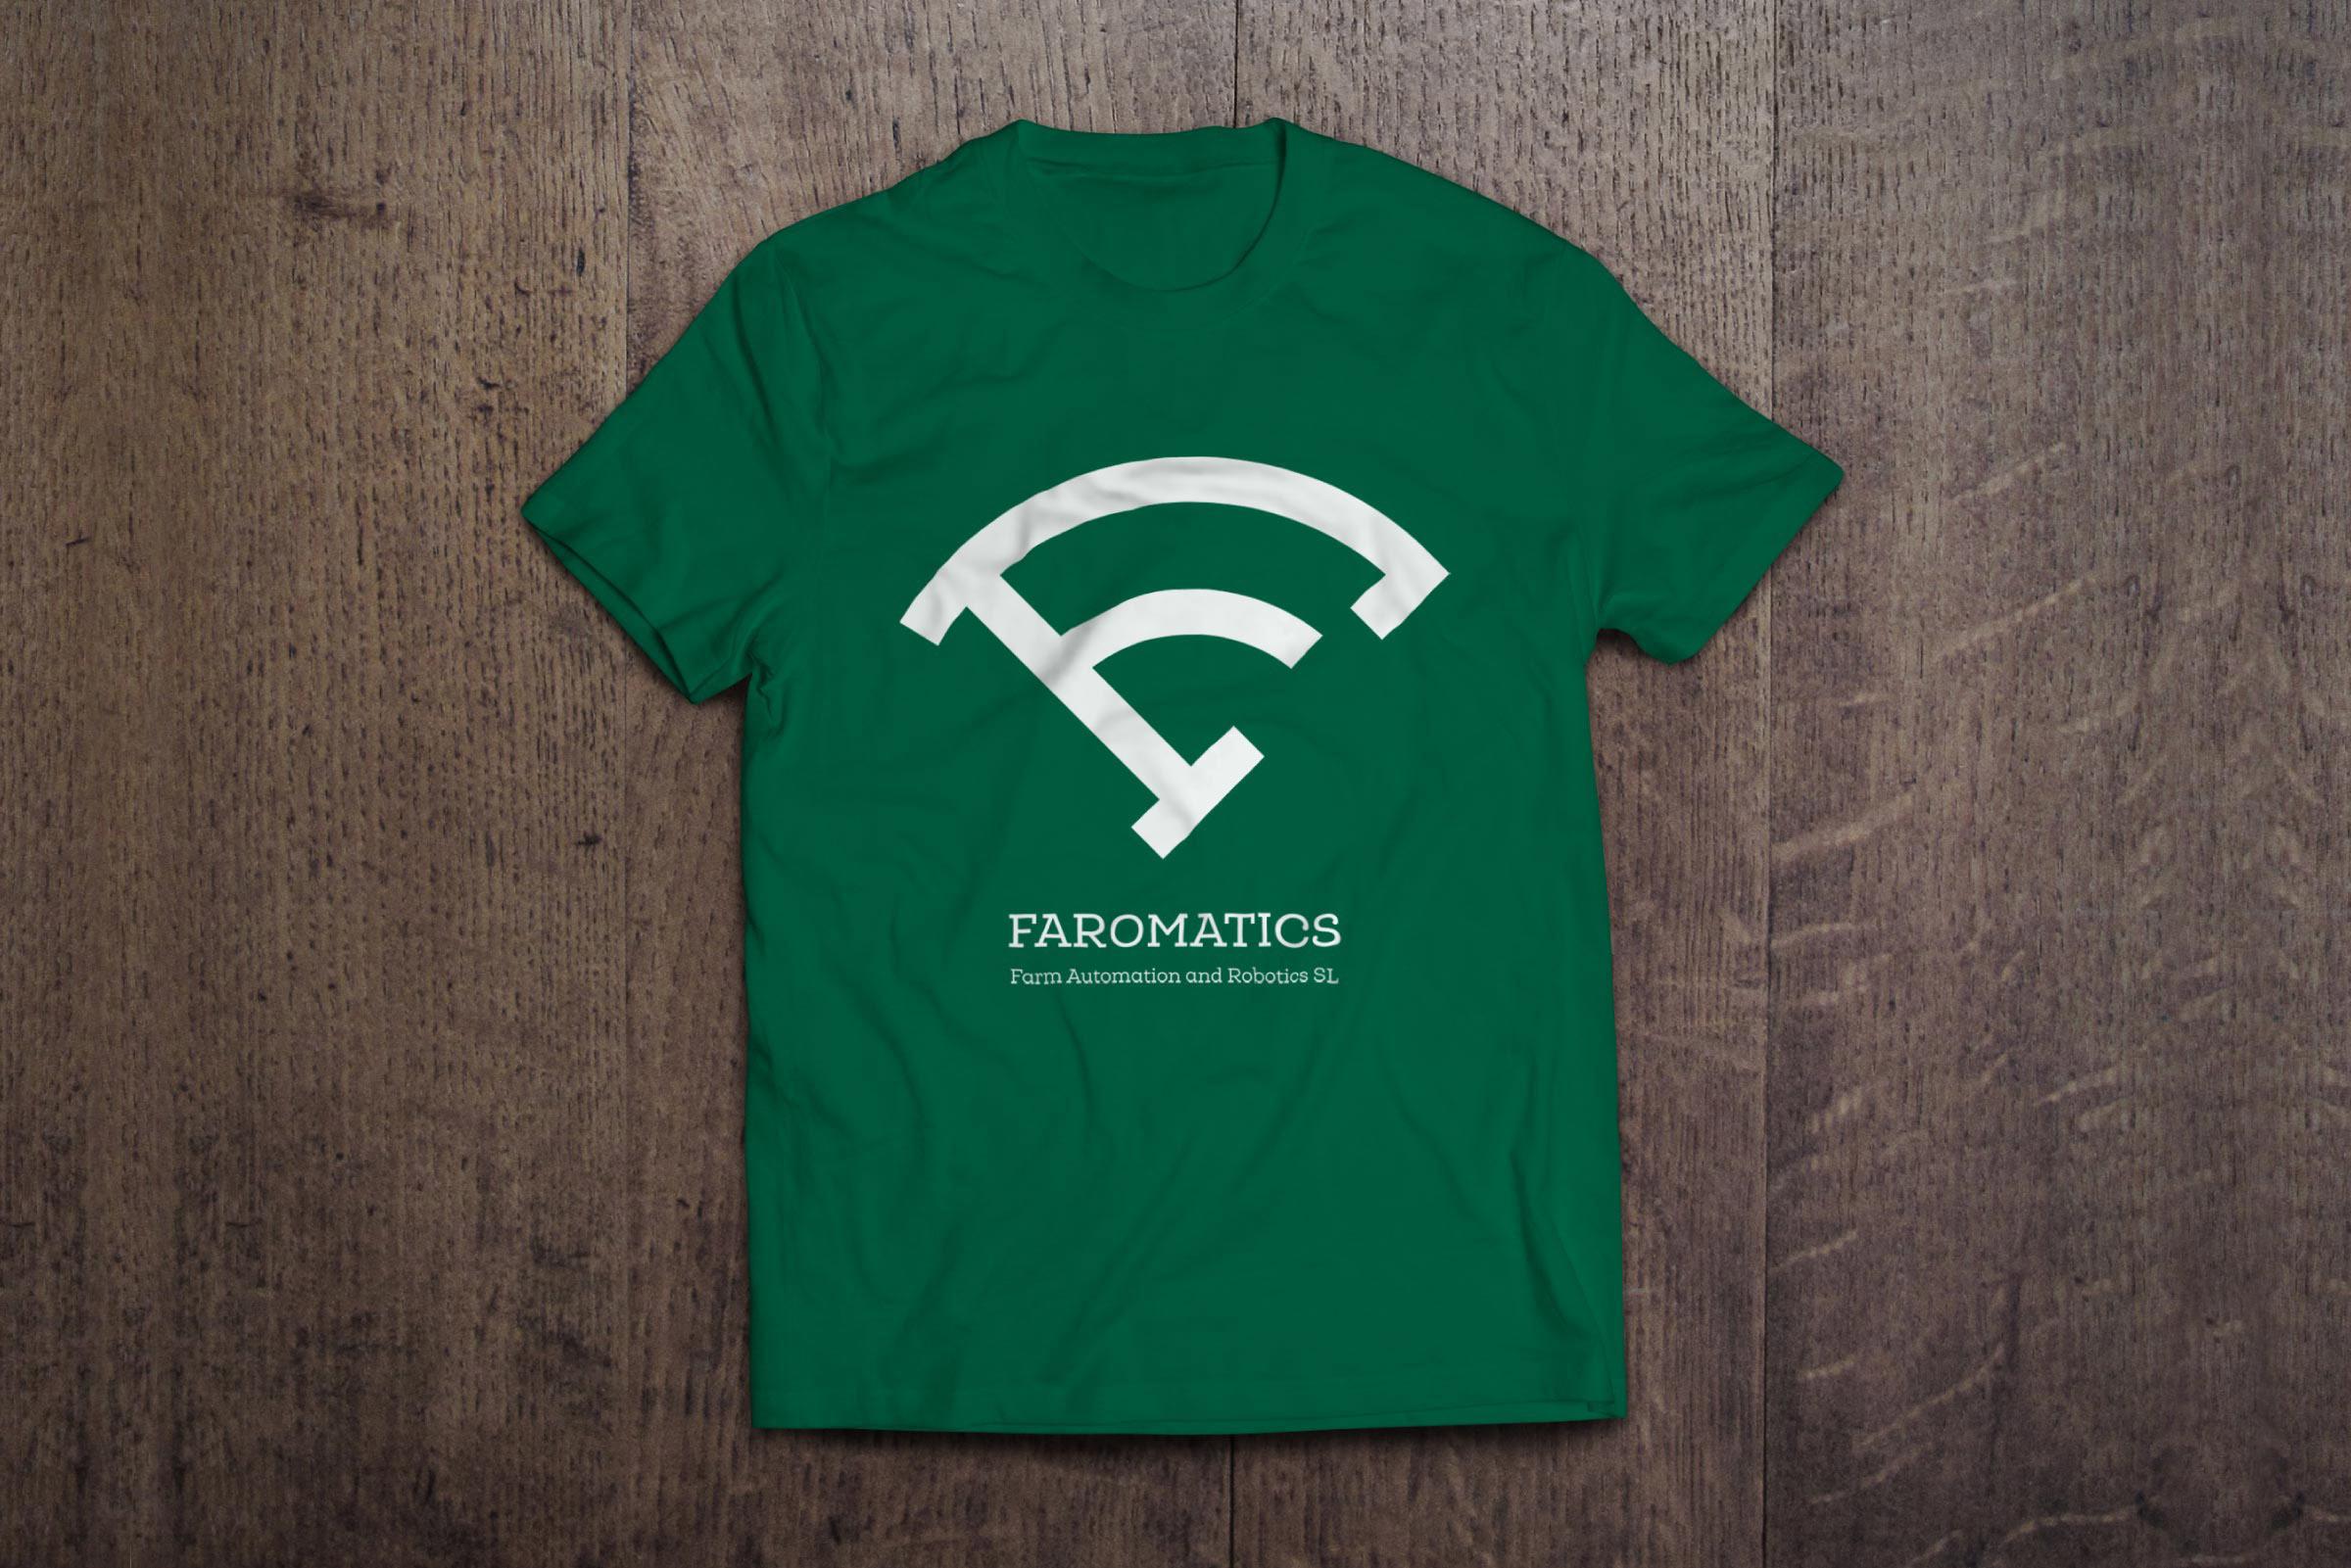 logo-faromatics-tshirt